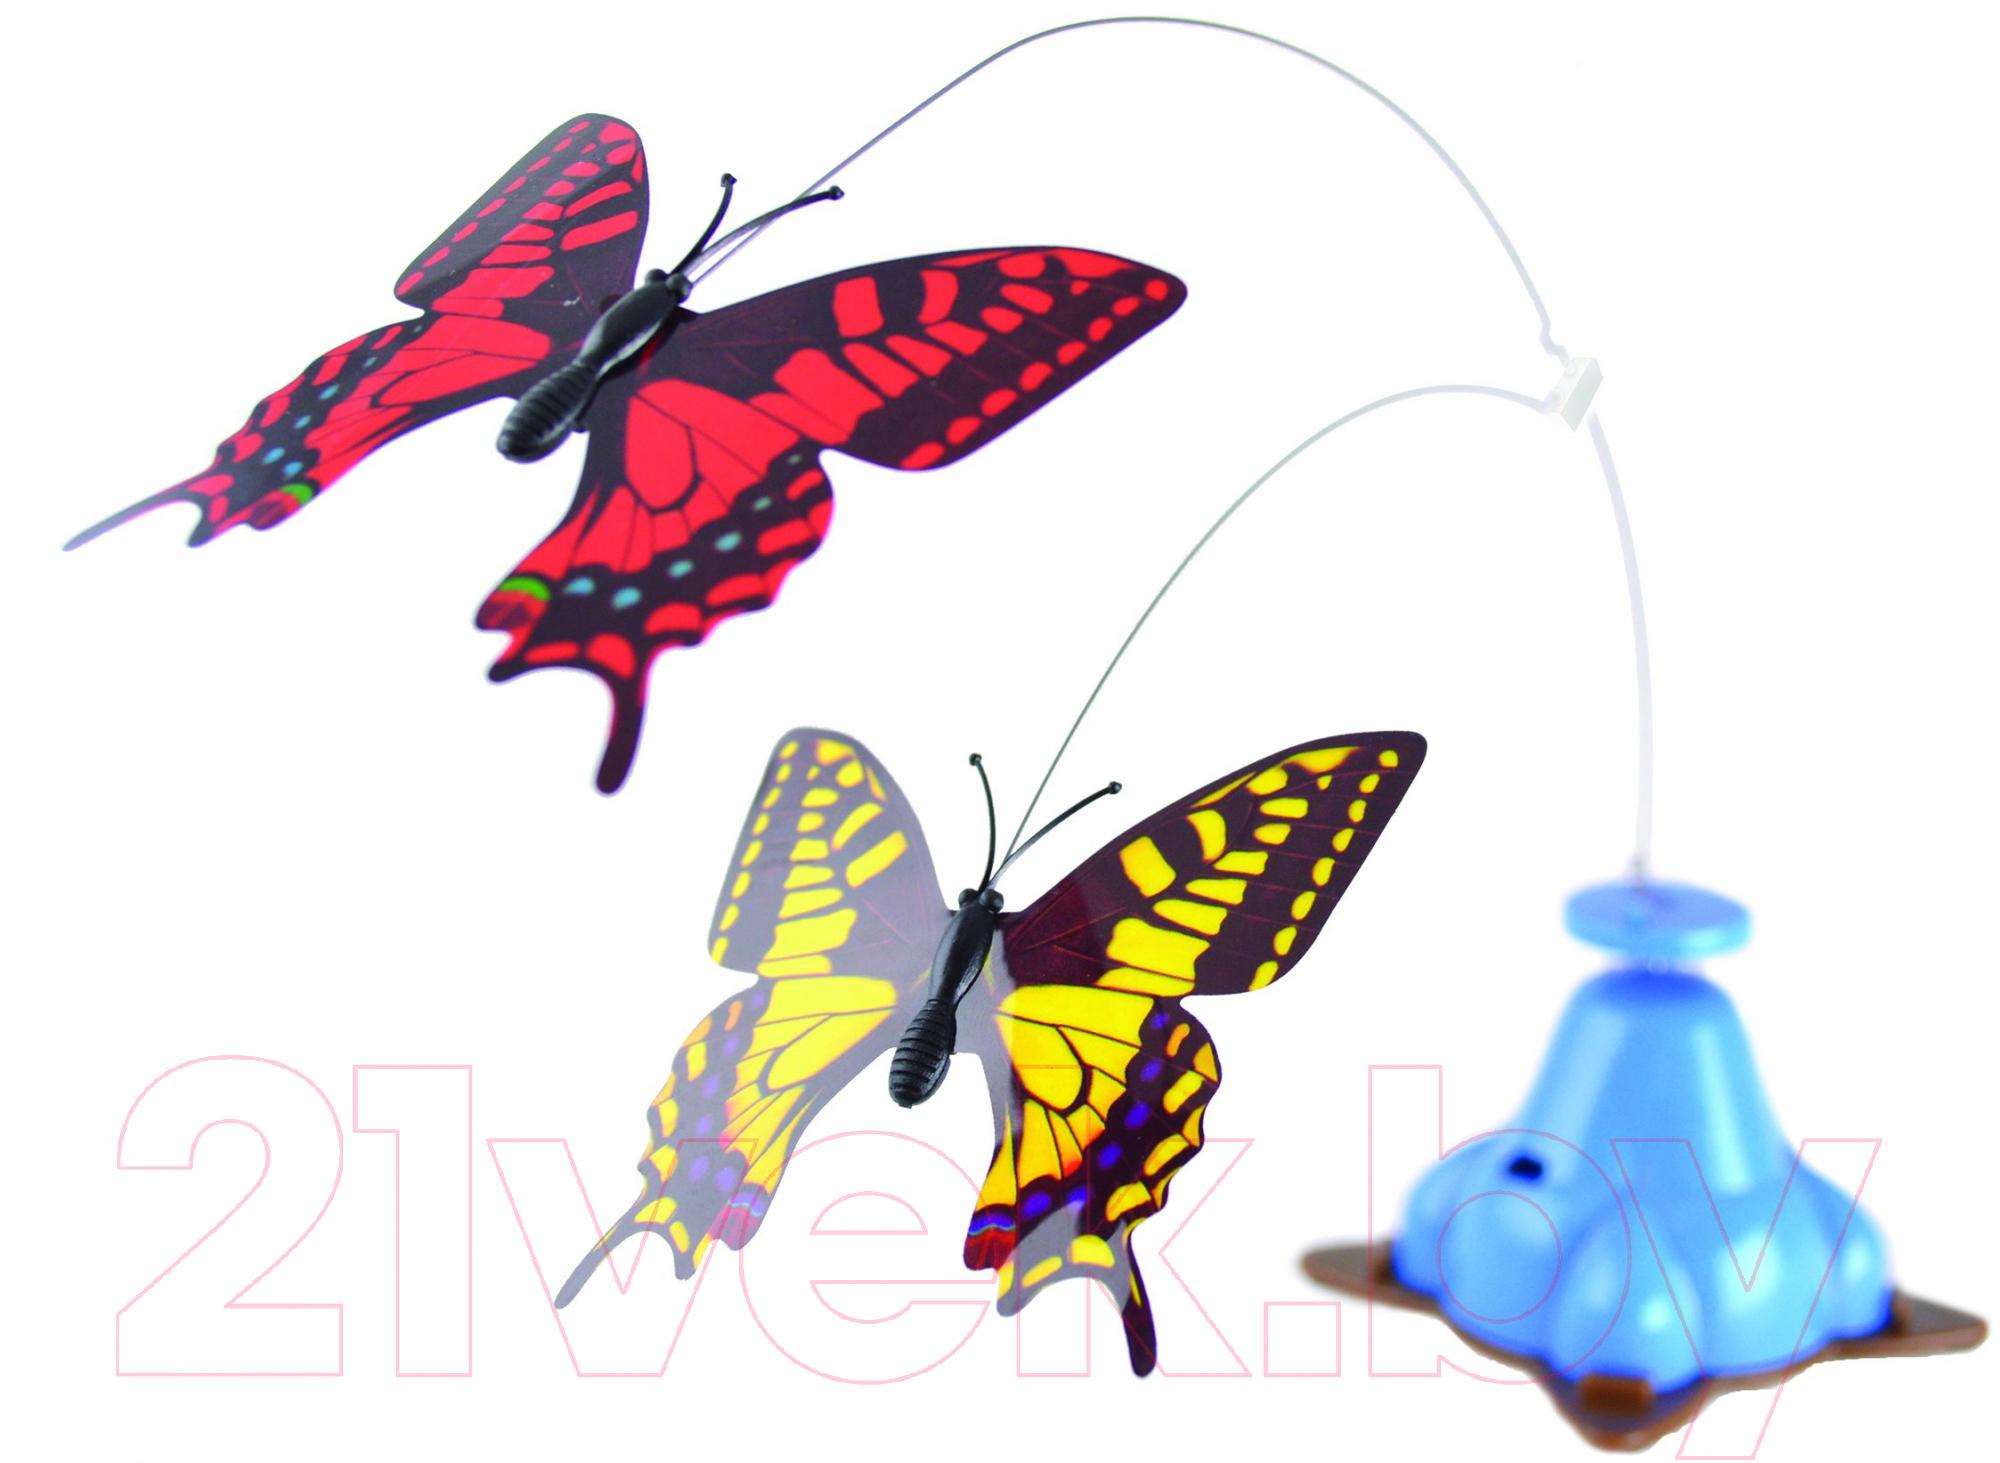 Купить Игрушка для животных Ami Play, Whirling Wiggler Spinner Toy / 158067994, Польша, пластик